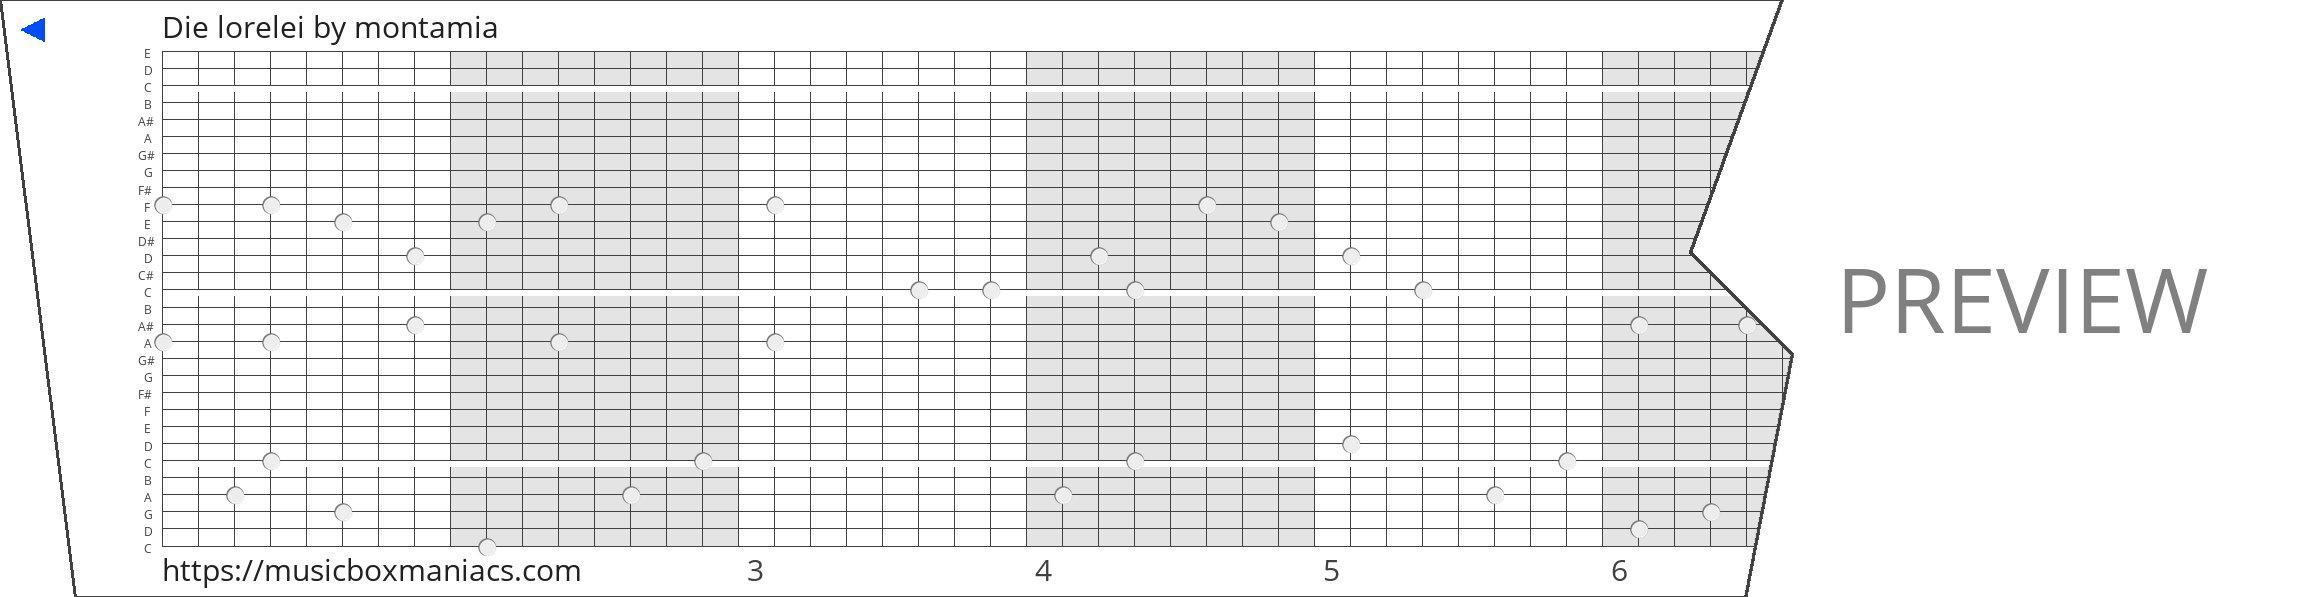 Die lorelei 30 note music box paper strip